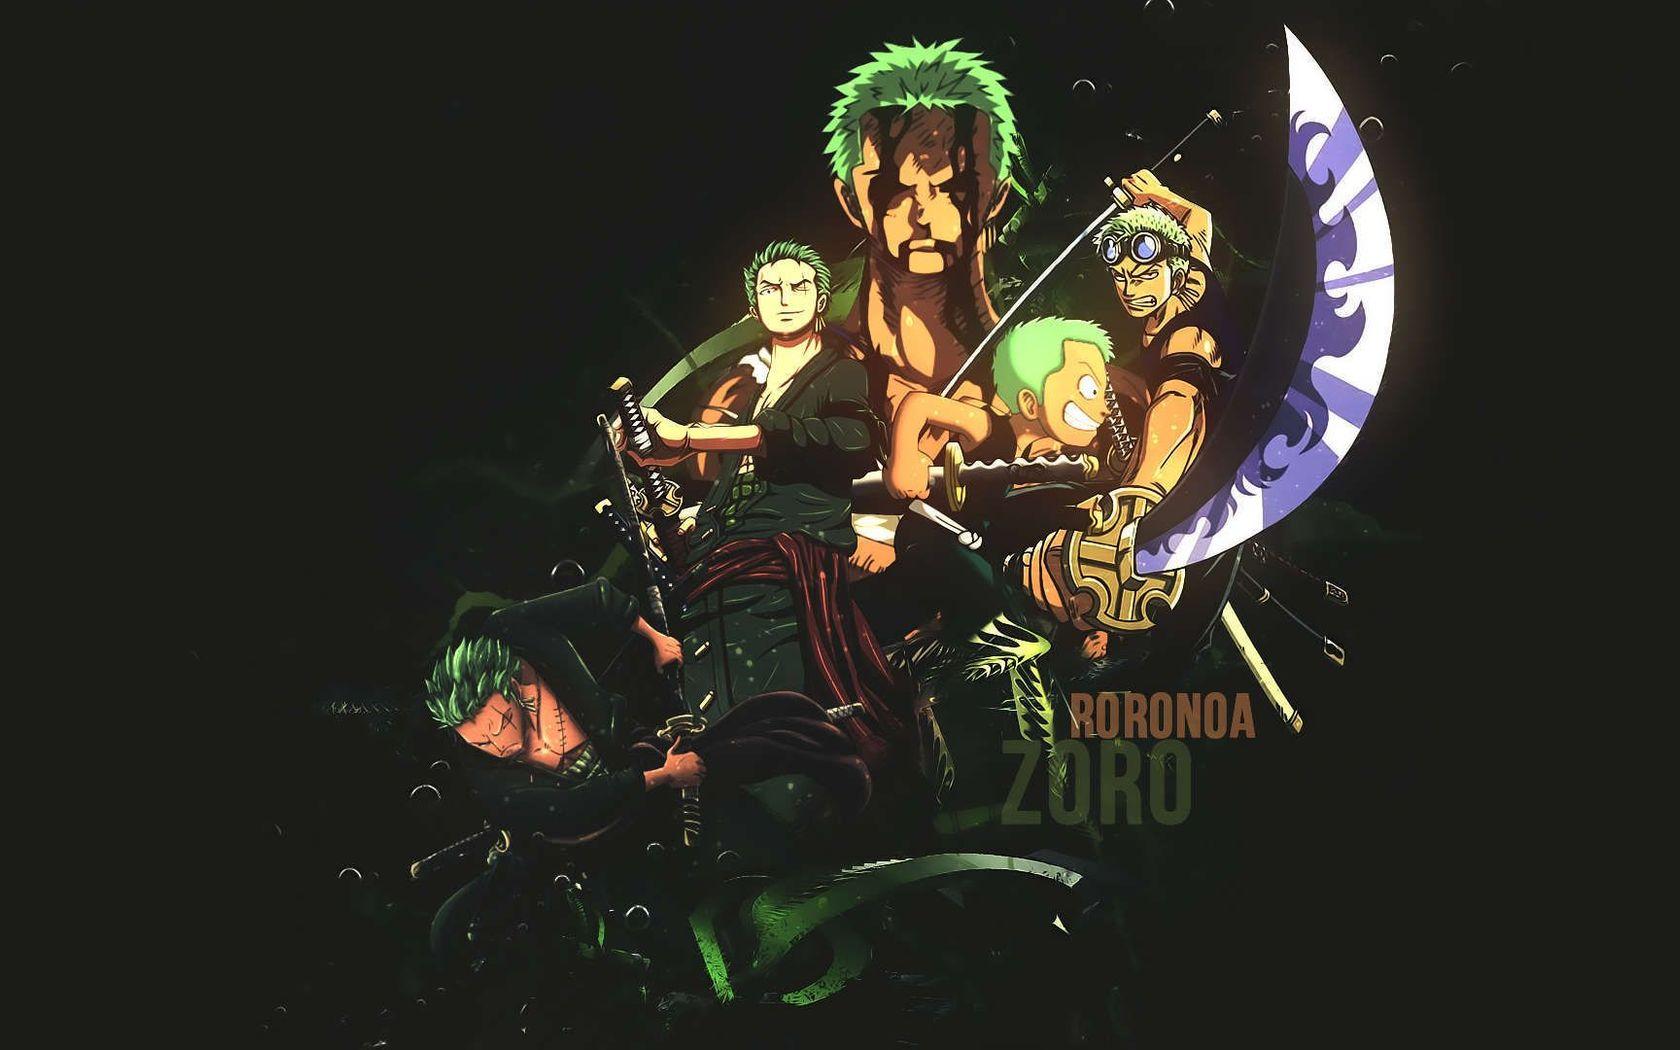 Roronoa Zoro Wallpaper Picture Image 1680x1050